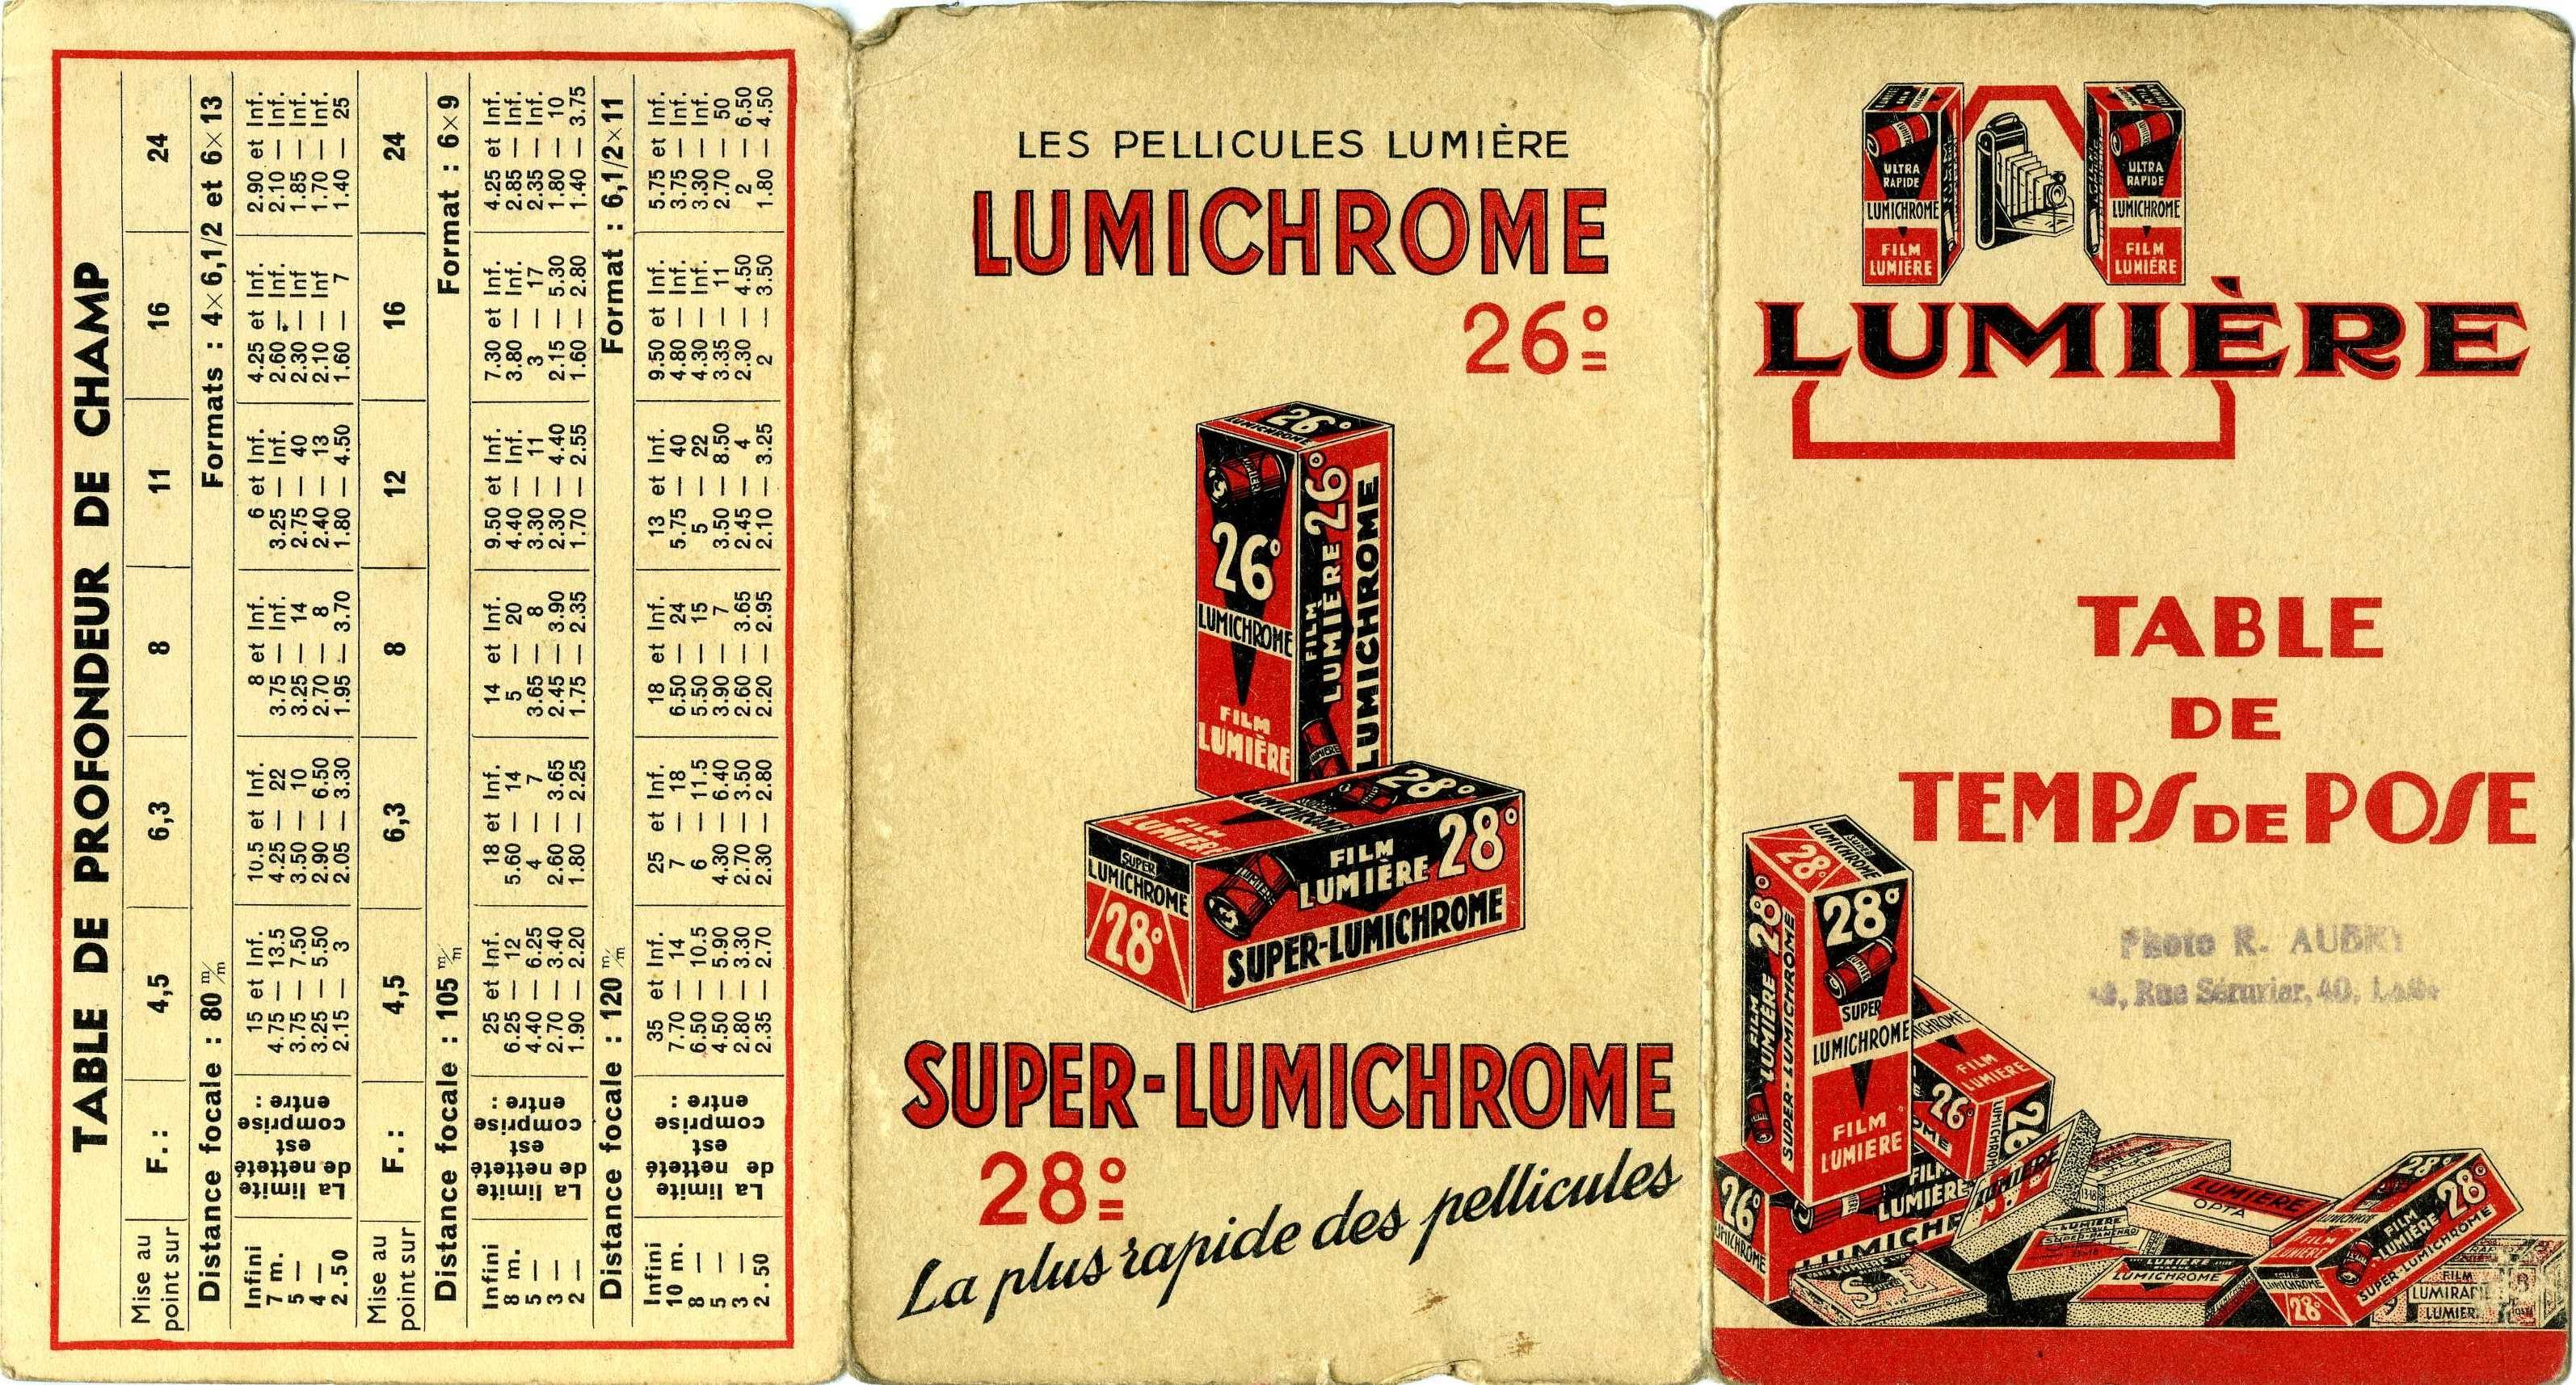 Lumière - Table de temps de pose Lumichrome 26°